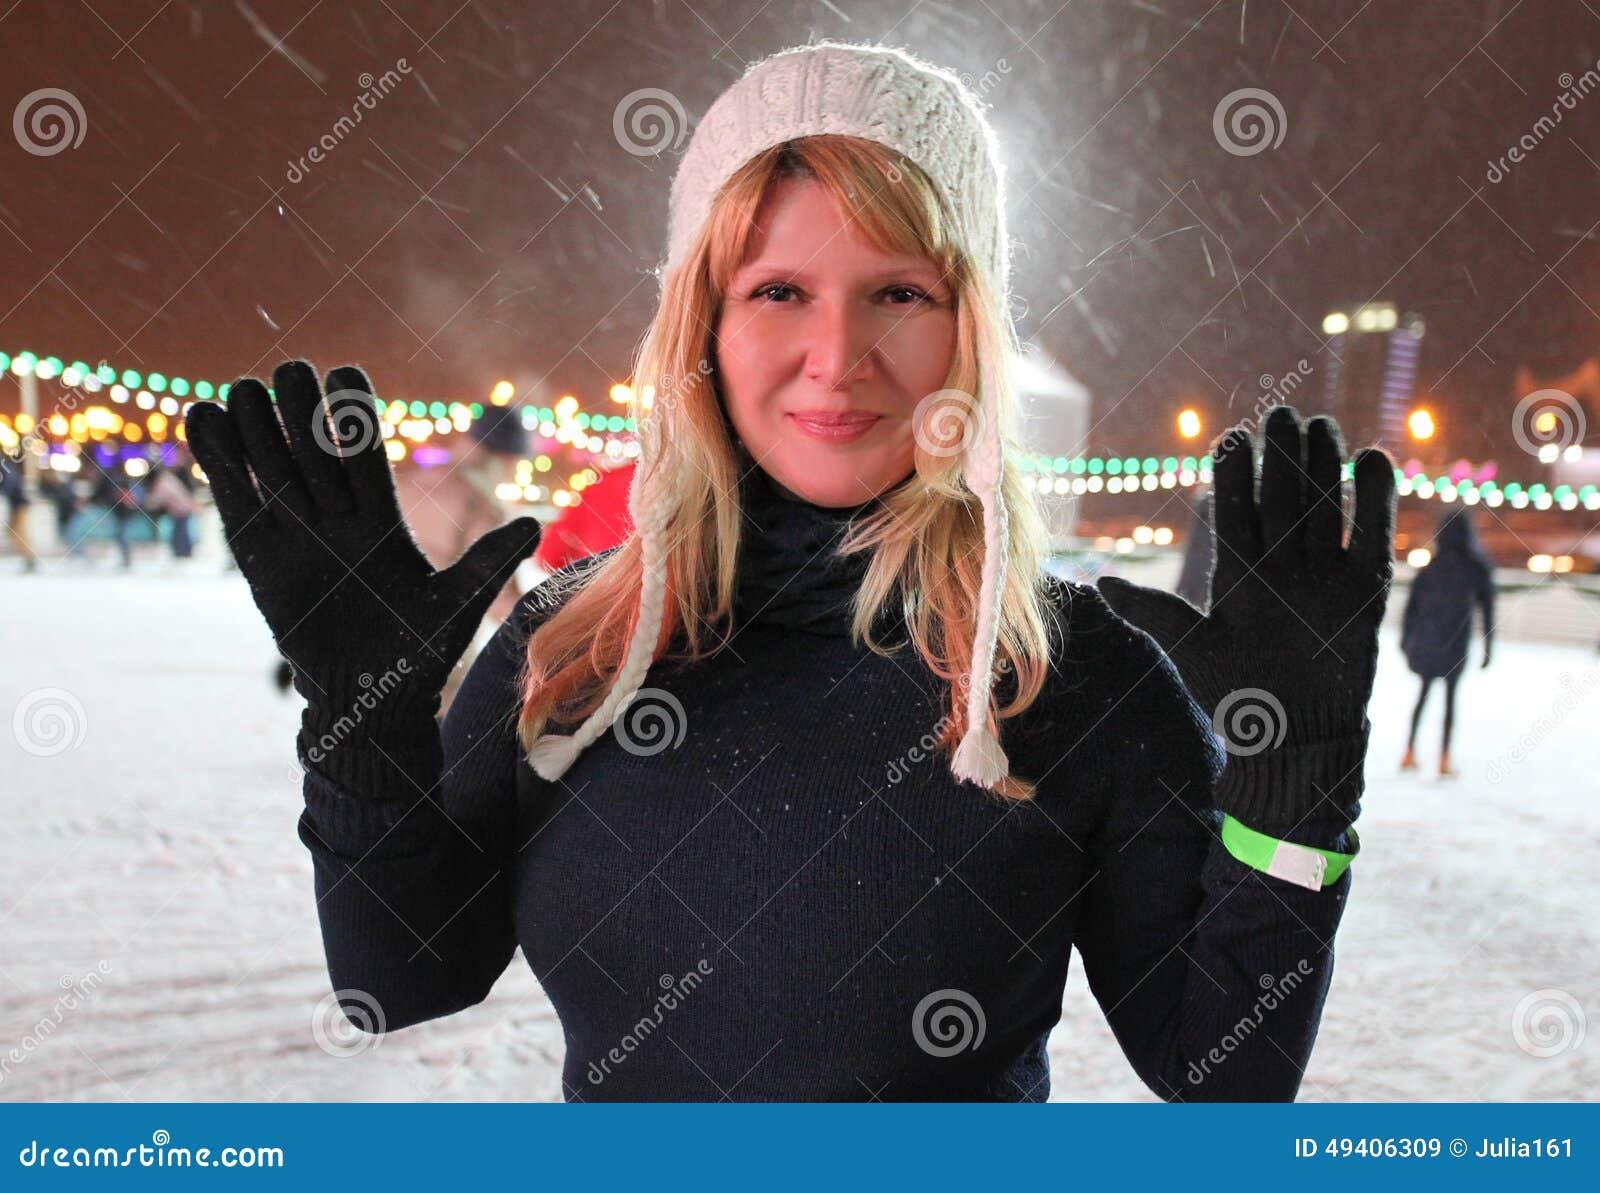 Download Hübsche Frau auf Eisbahn stockbild. Bild von eisbahn - 49406309